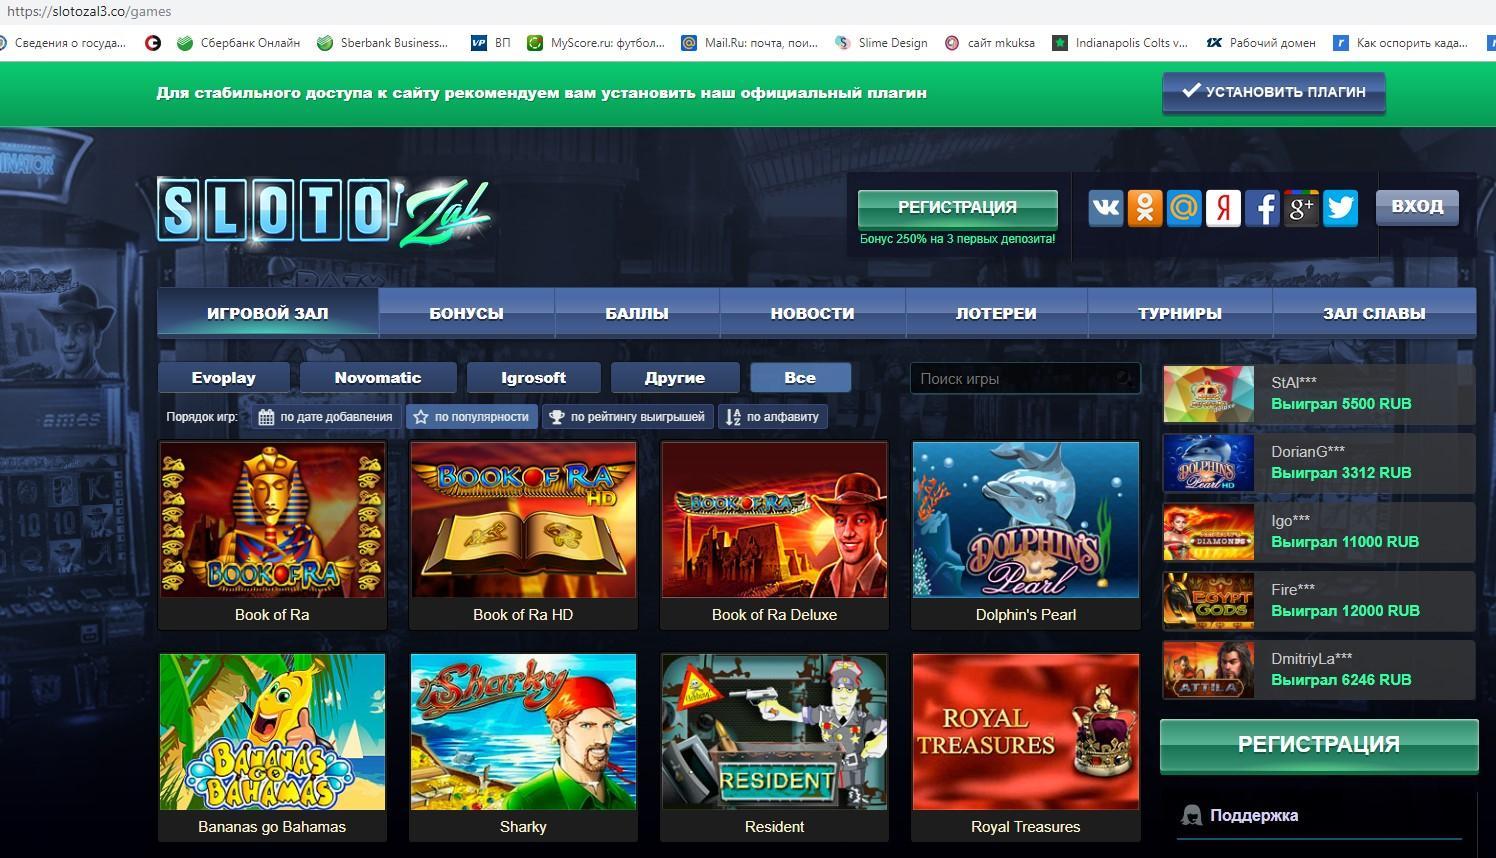 слотозал казино онлайн играть